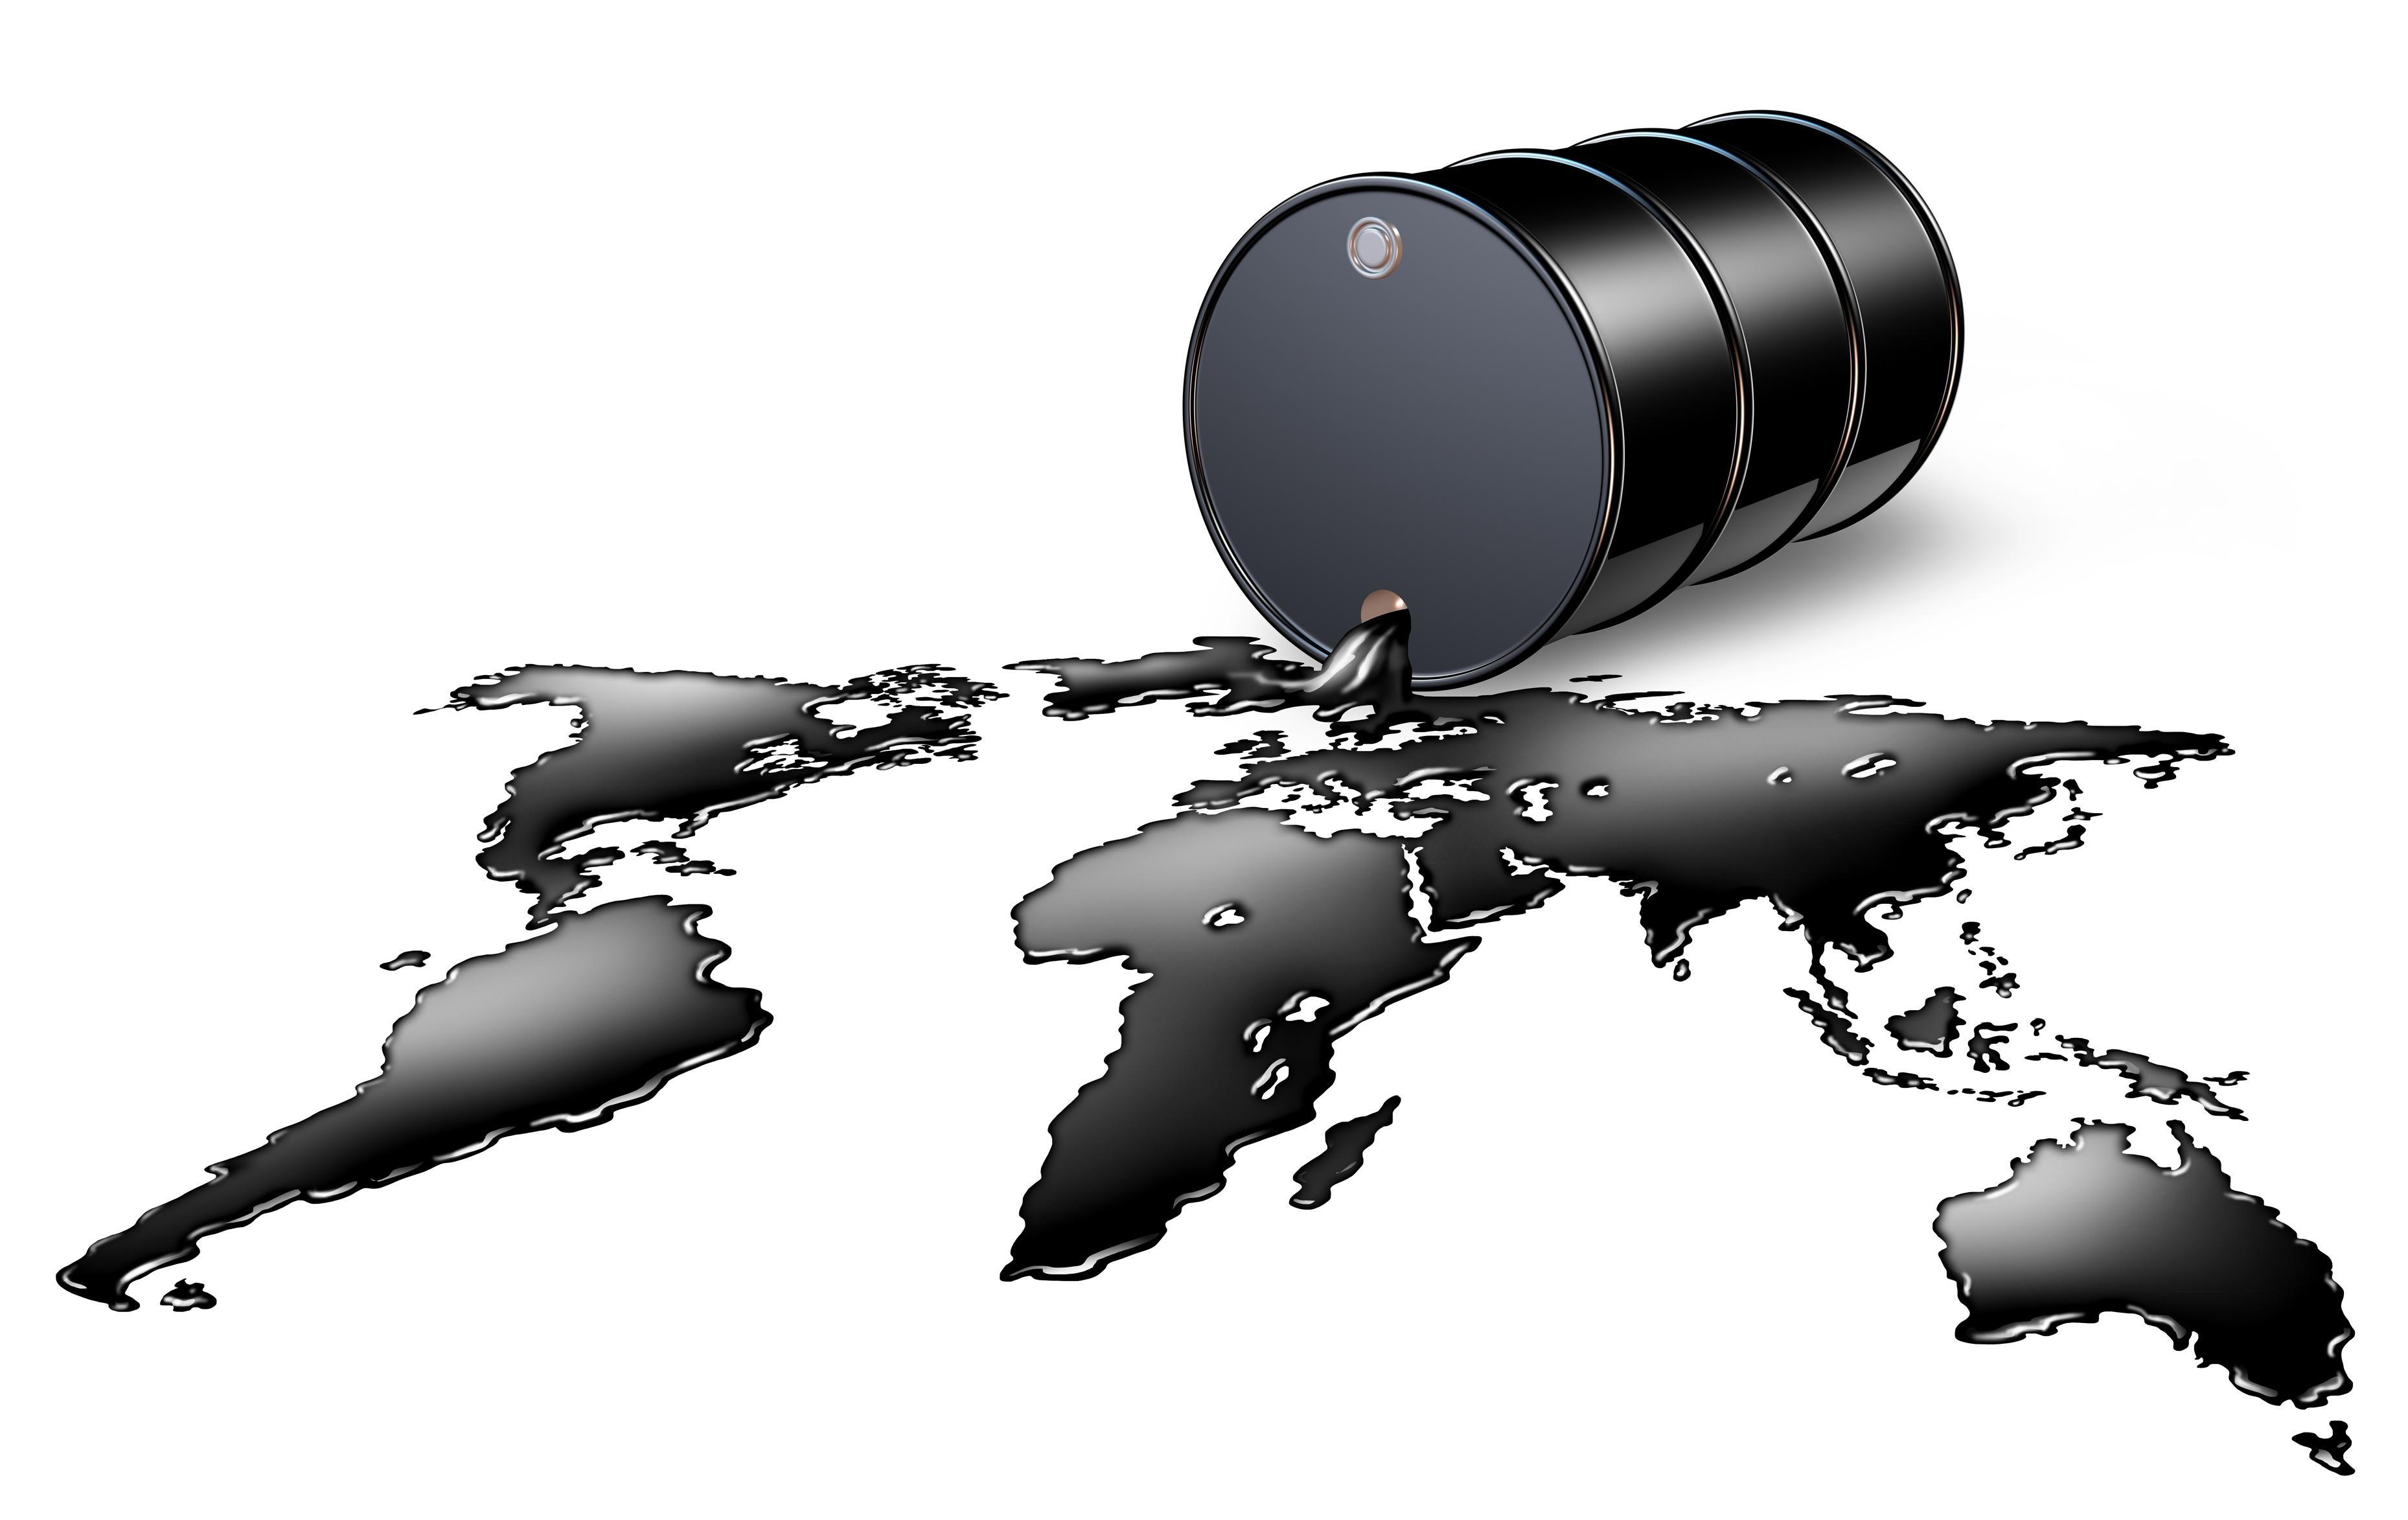 تولید نفت ایران از ۳.۸ میلیون بشکه در روز گذشت